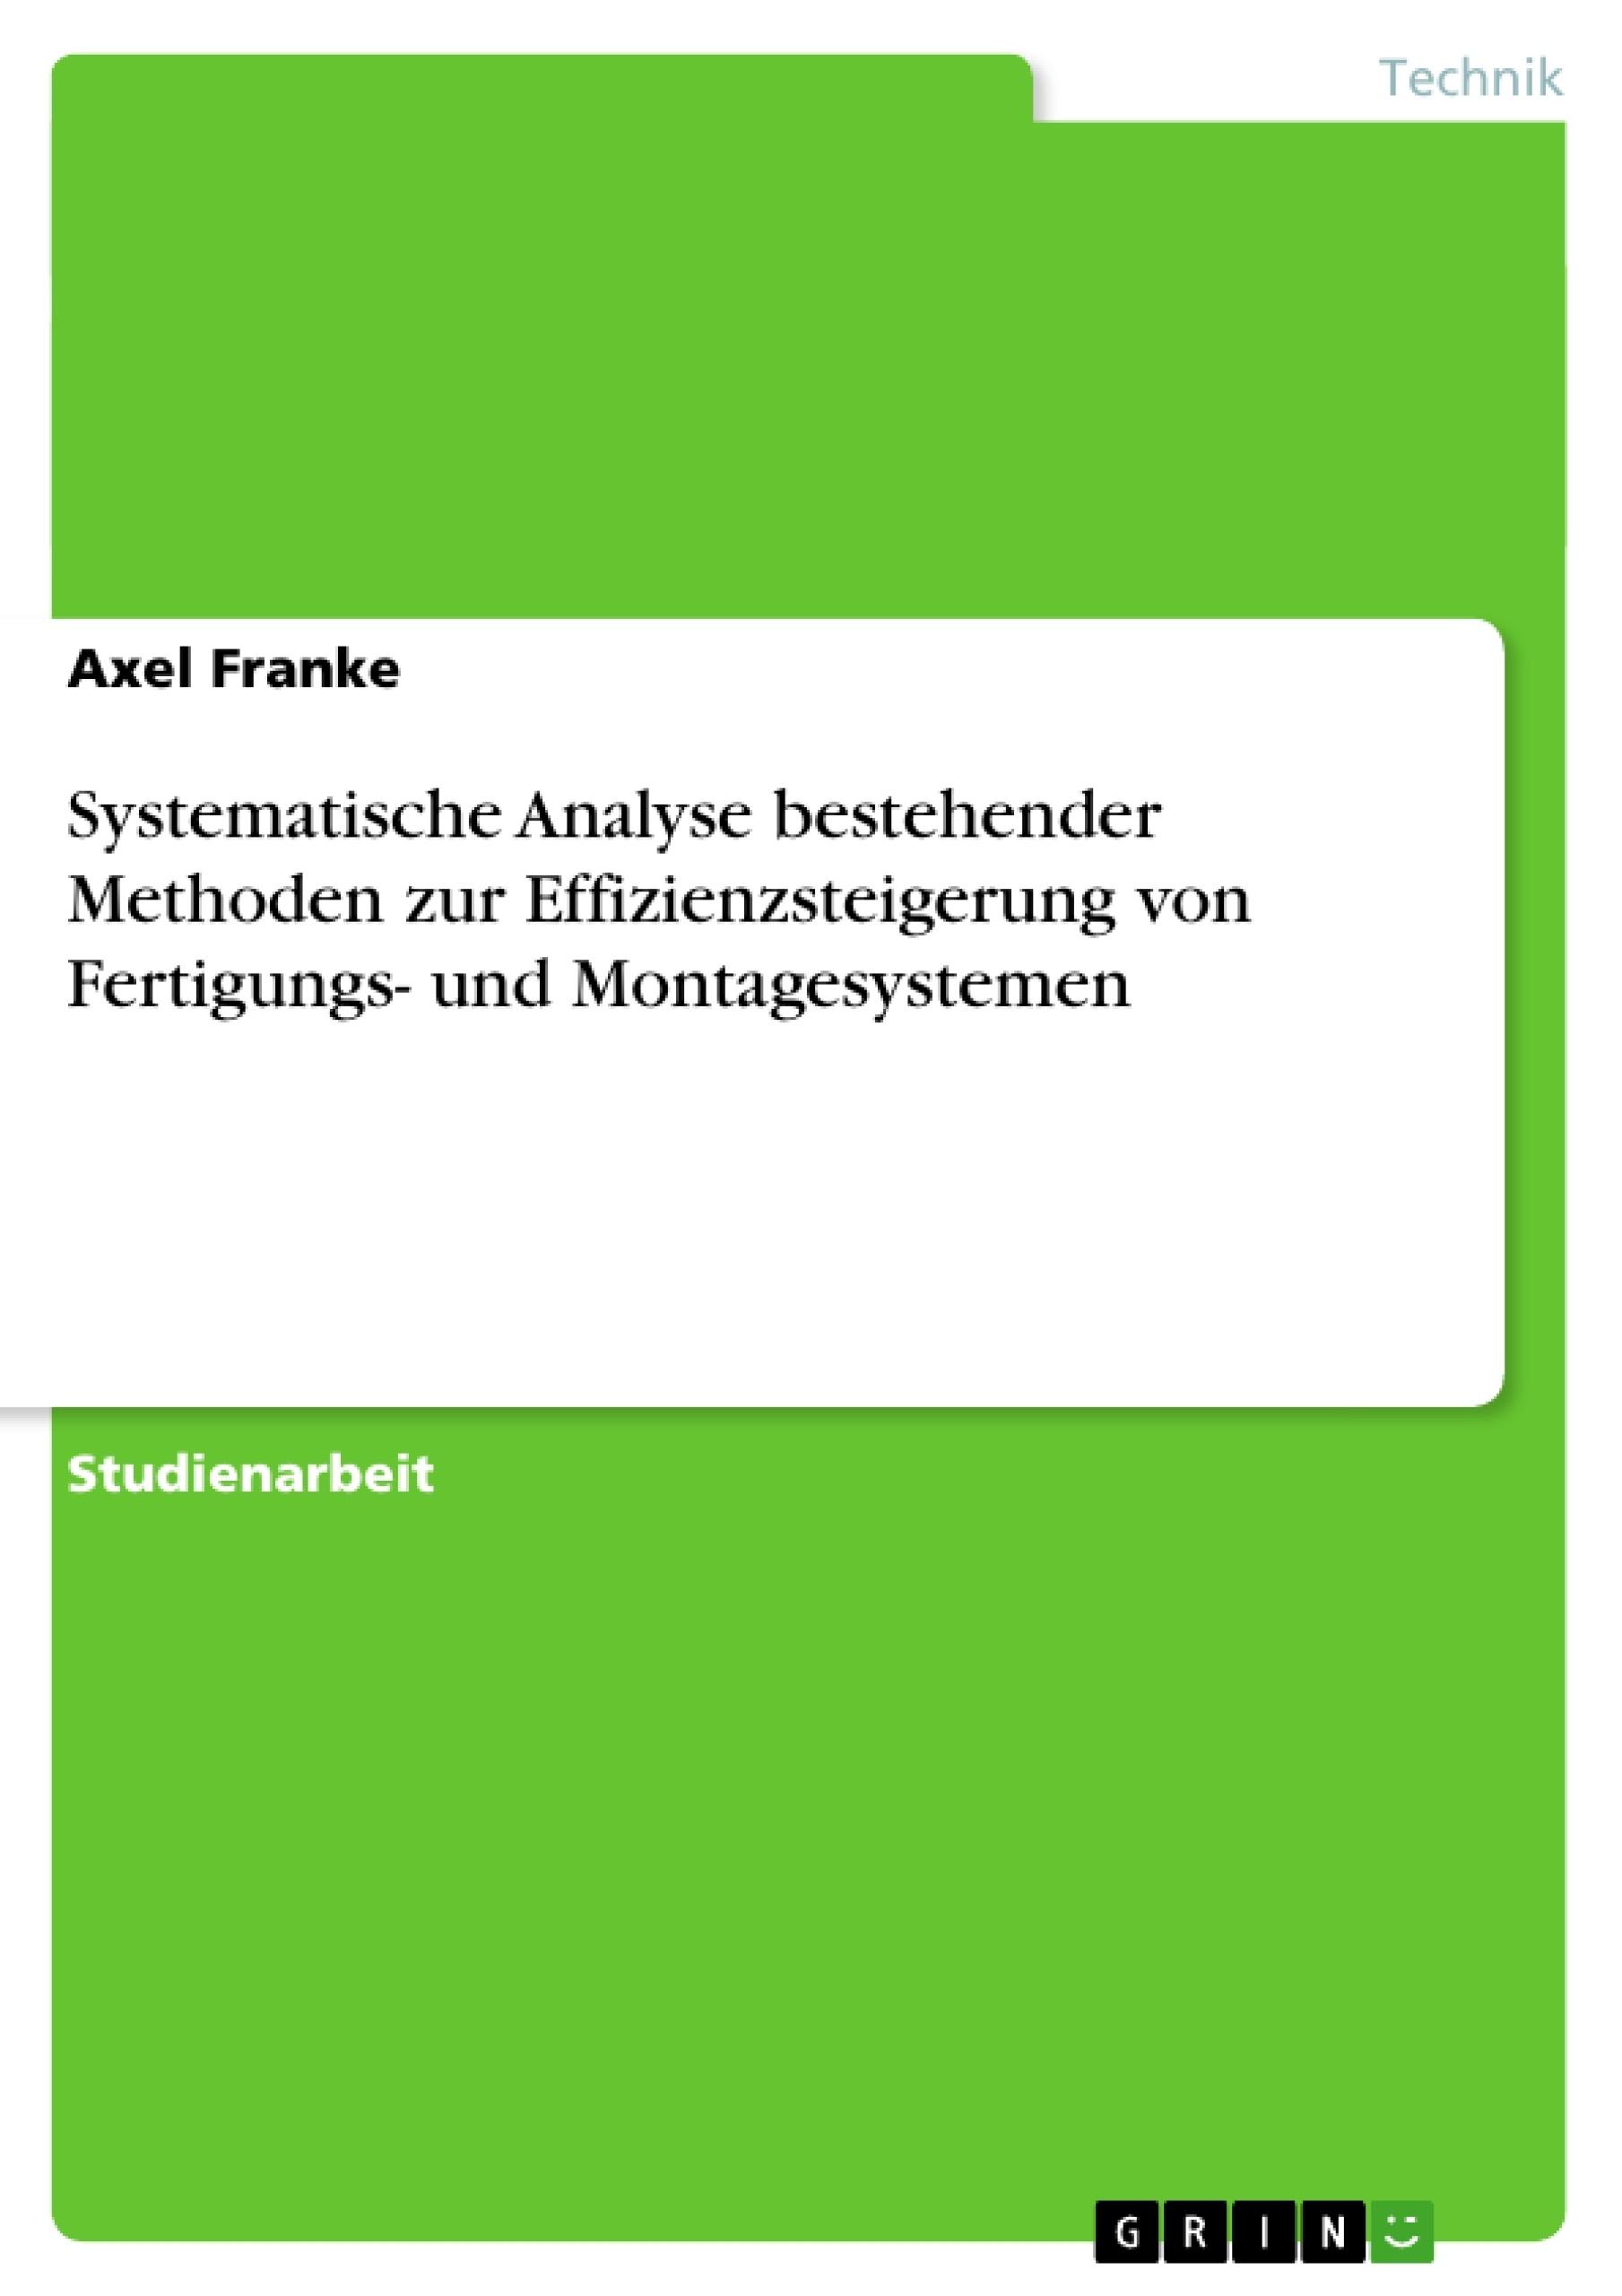 Titel: Systematische Analyse bestehender Methoden zur Effizienzsteigerung von Fertigungs- und Montagesystemen